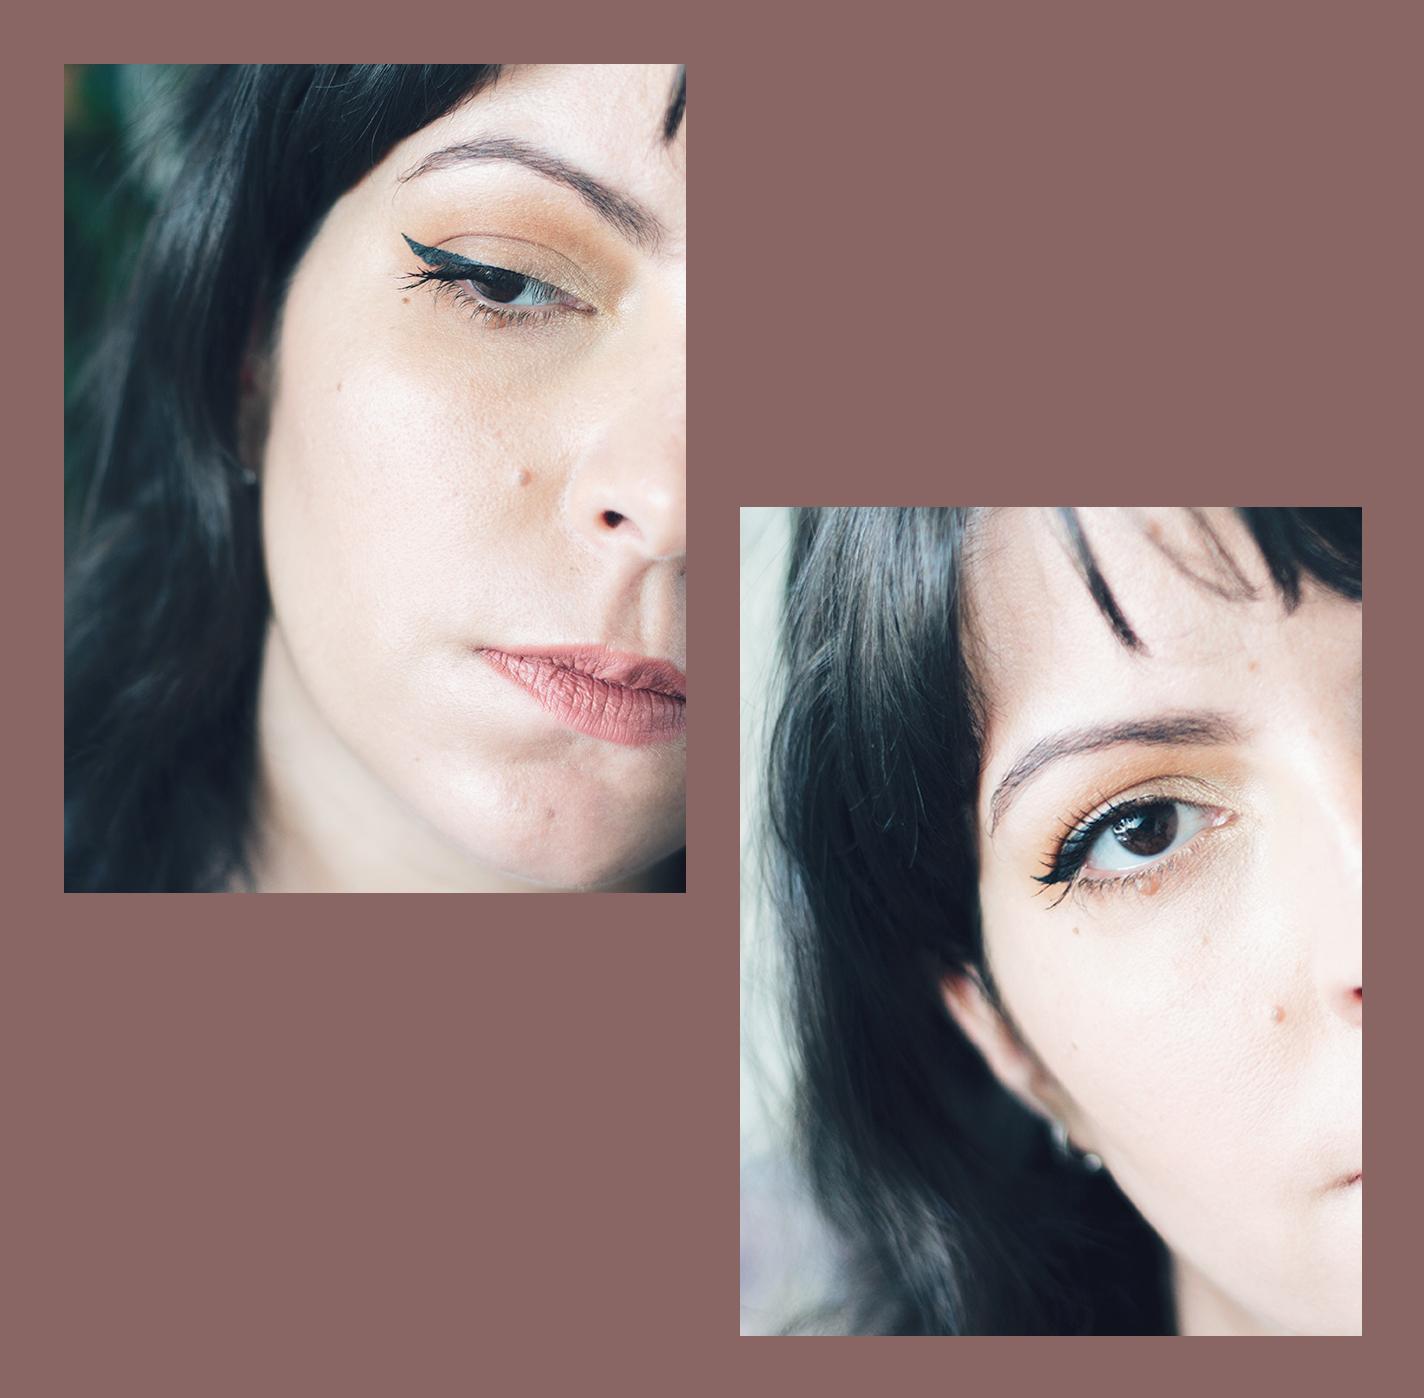 Ideia para maquilhagem de olhos com wing liner